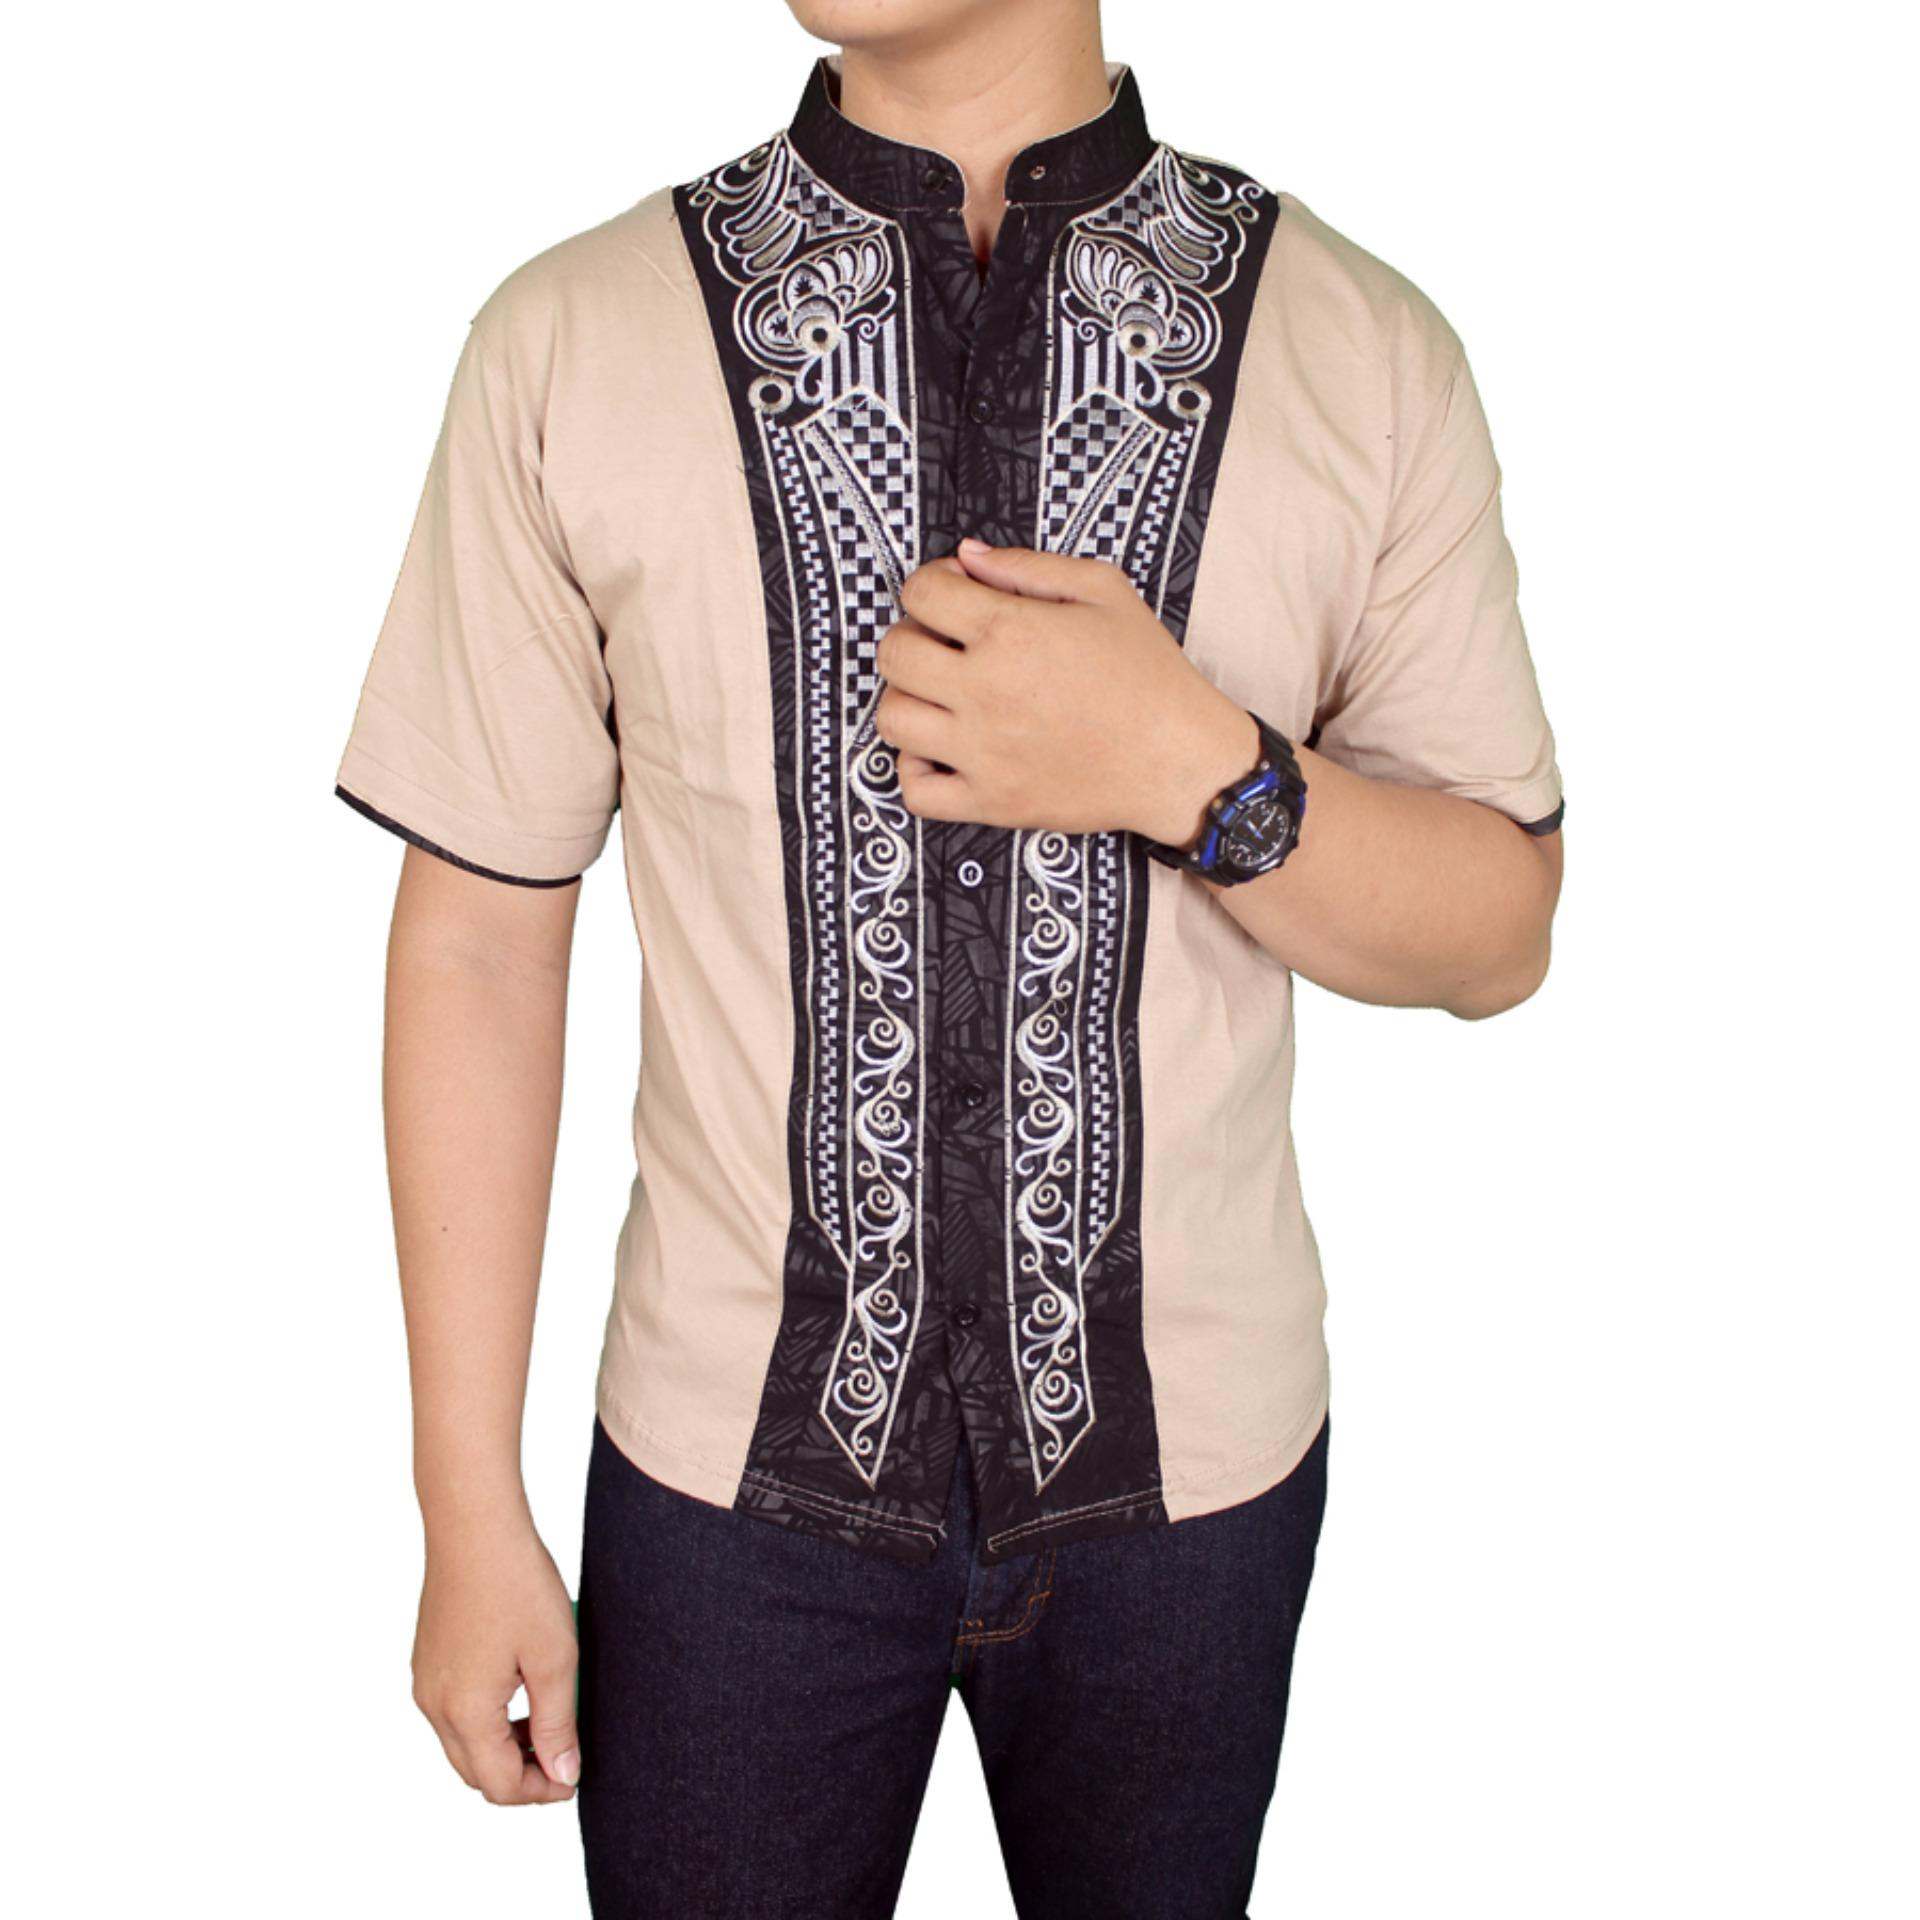 Gudang Fashion Baju Koko Pria Lengan Pendek Krem